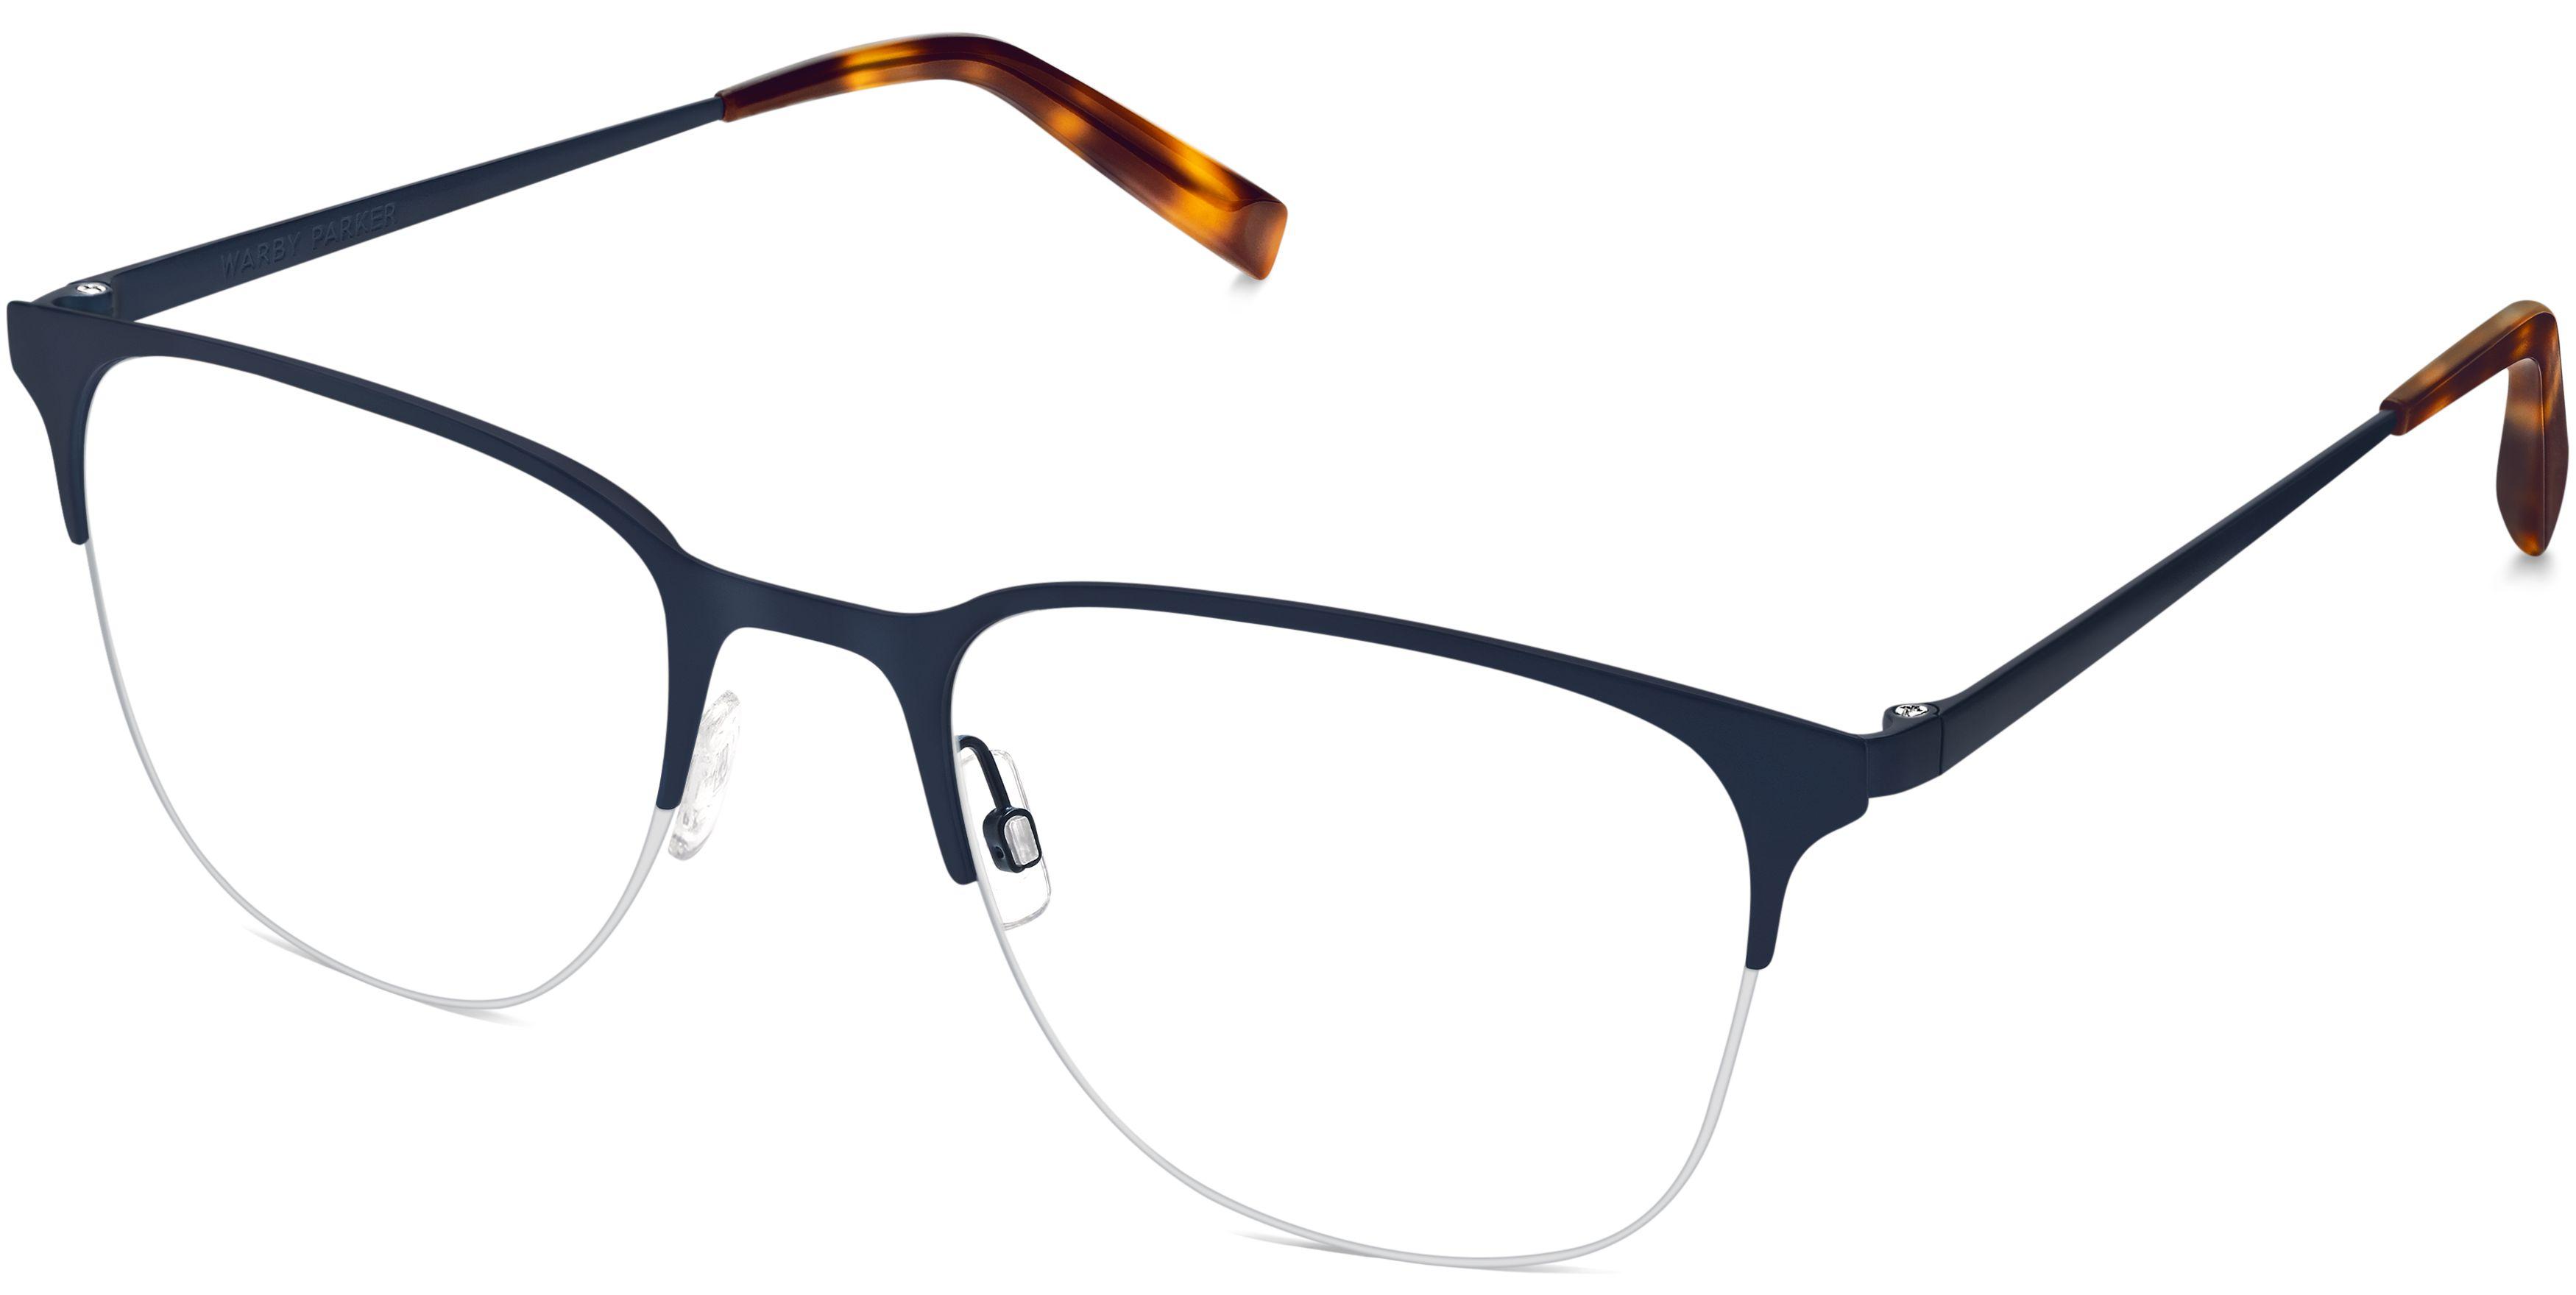 Wallis Eyeglasses in Brushed Navy for Men   Warby Parker